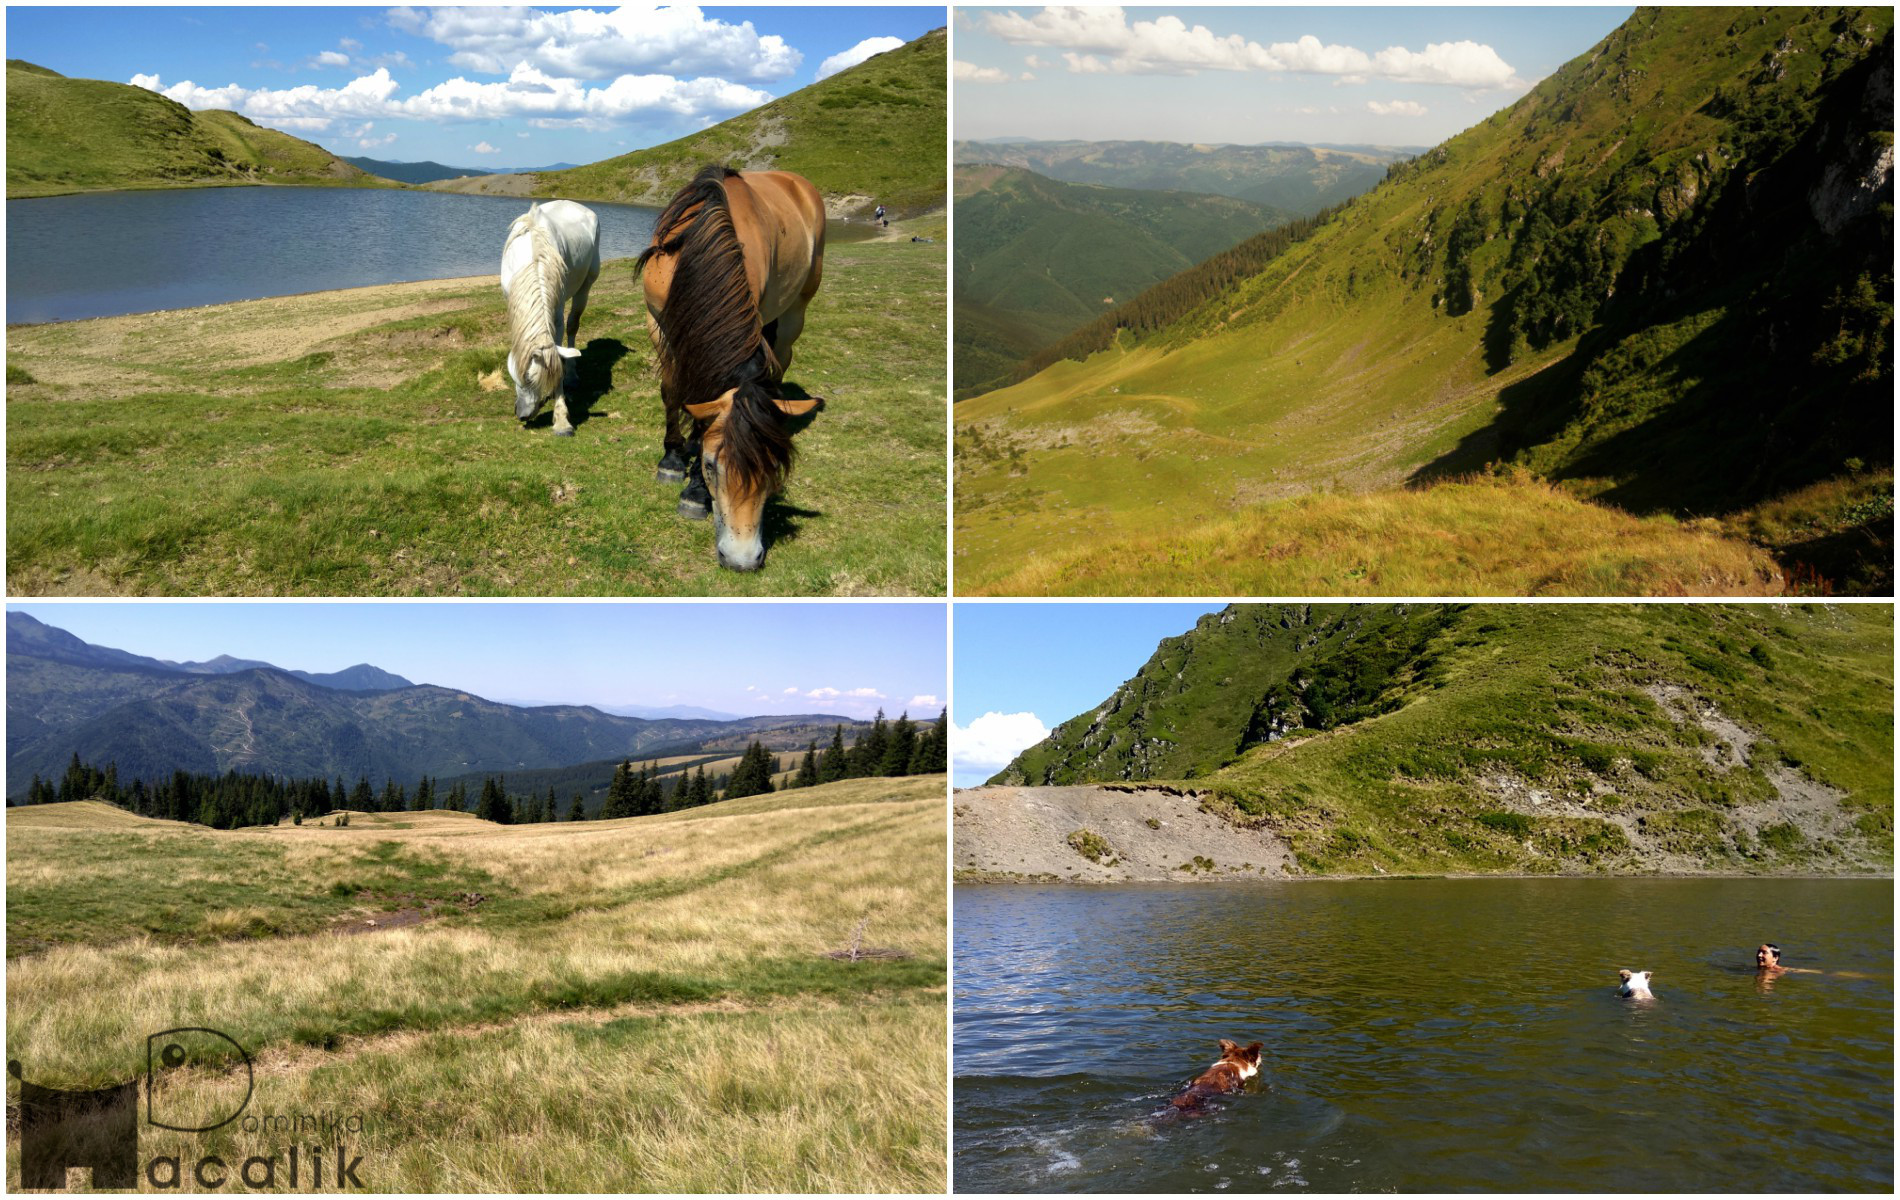 Najlepsza nagroda - po długiej drodze w upalnym słońcu znajdujemy jeziorko na przełęczy